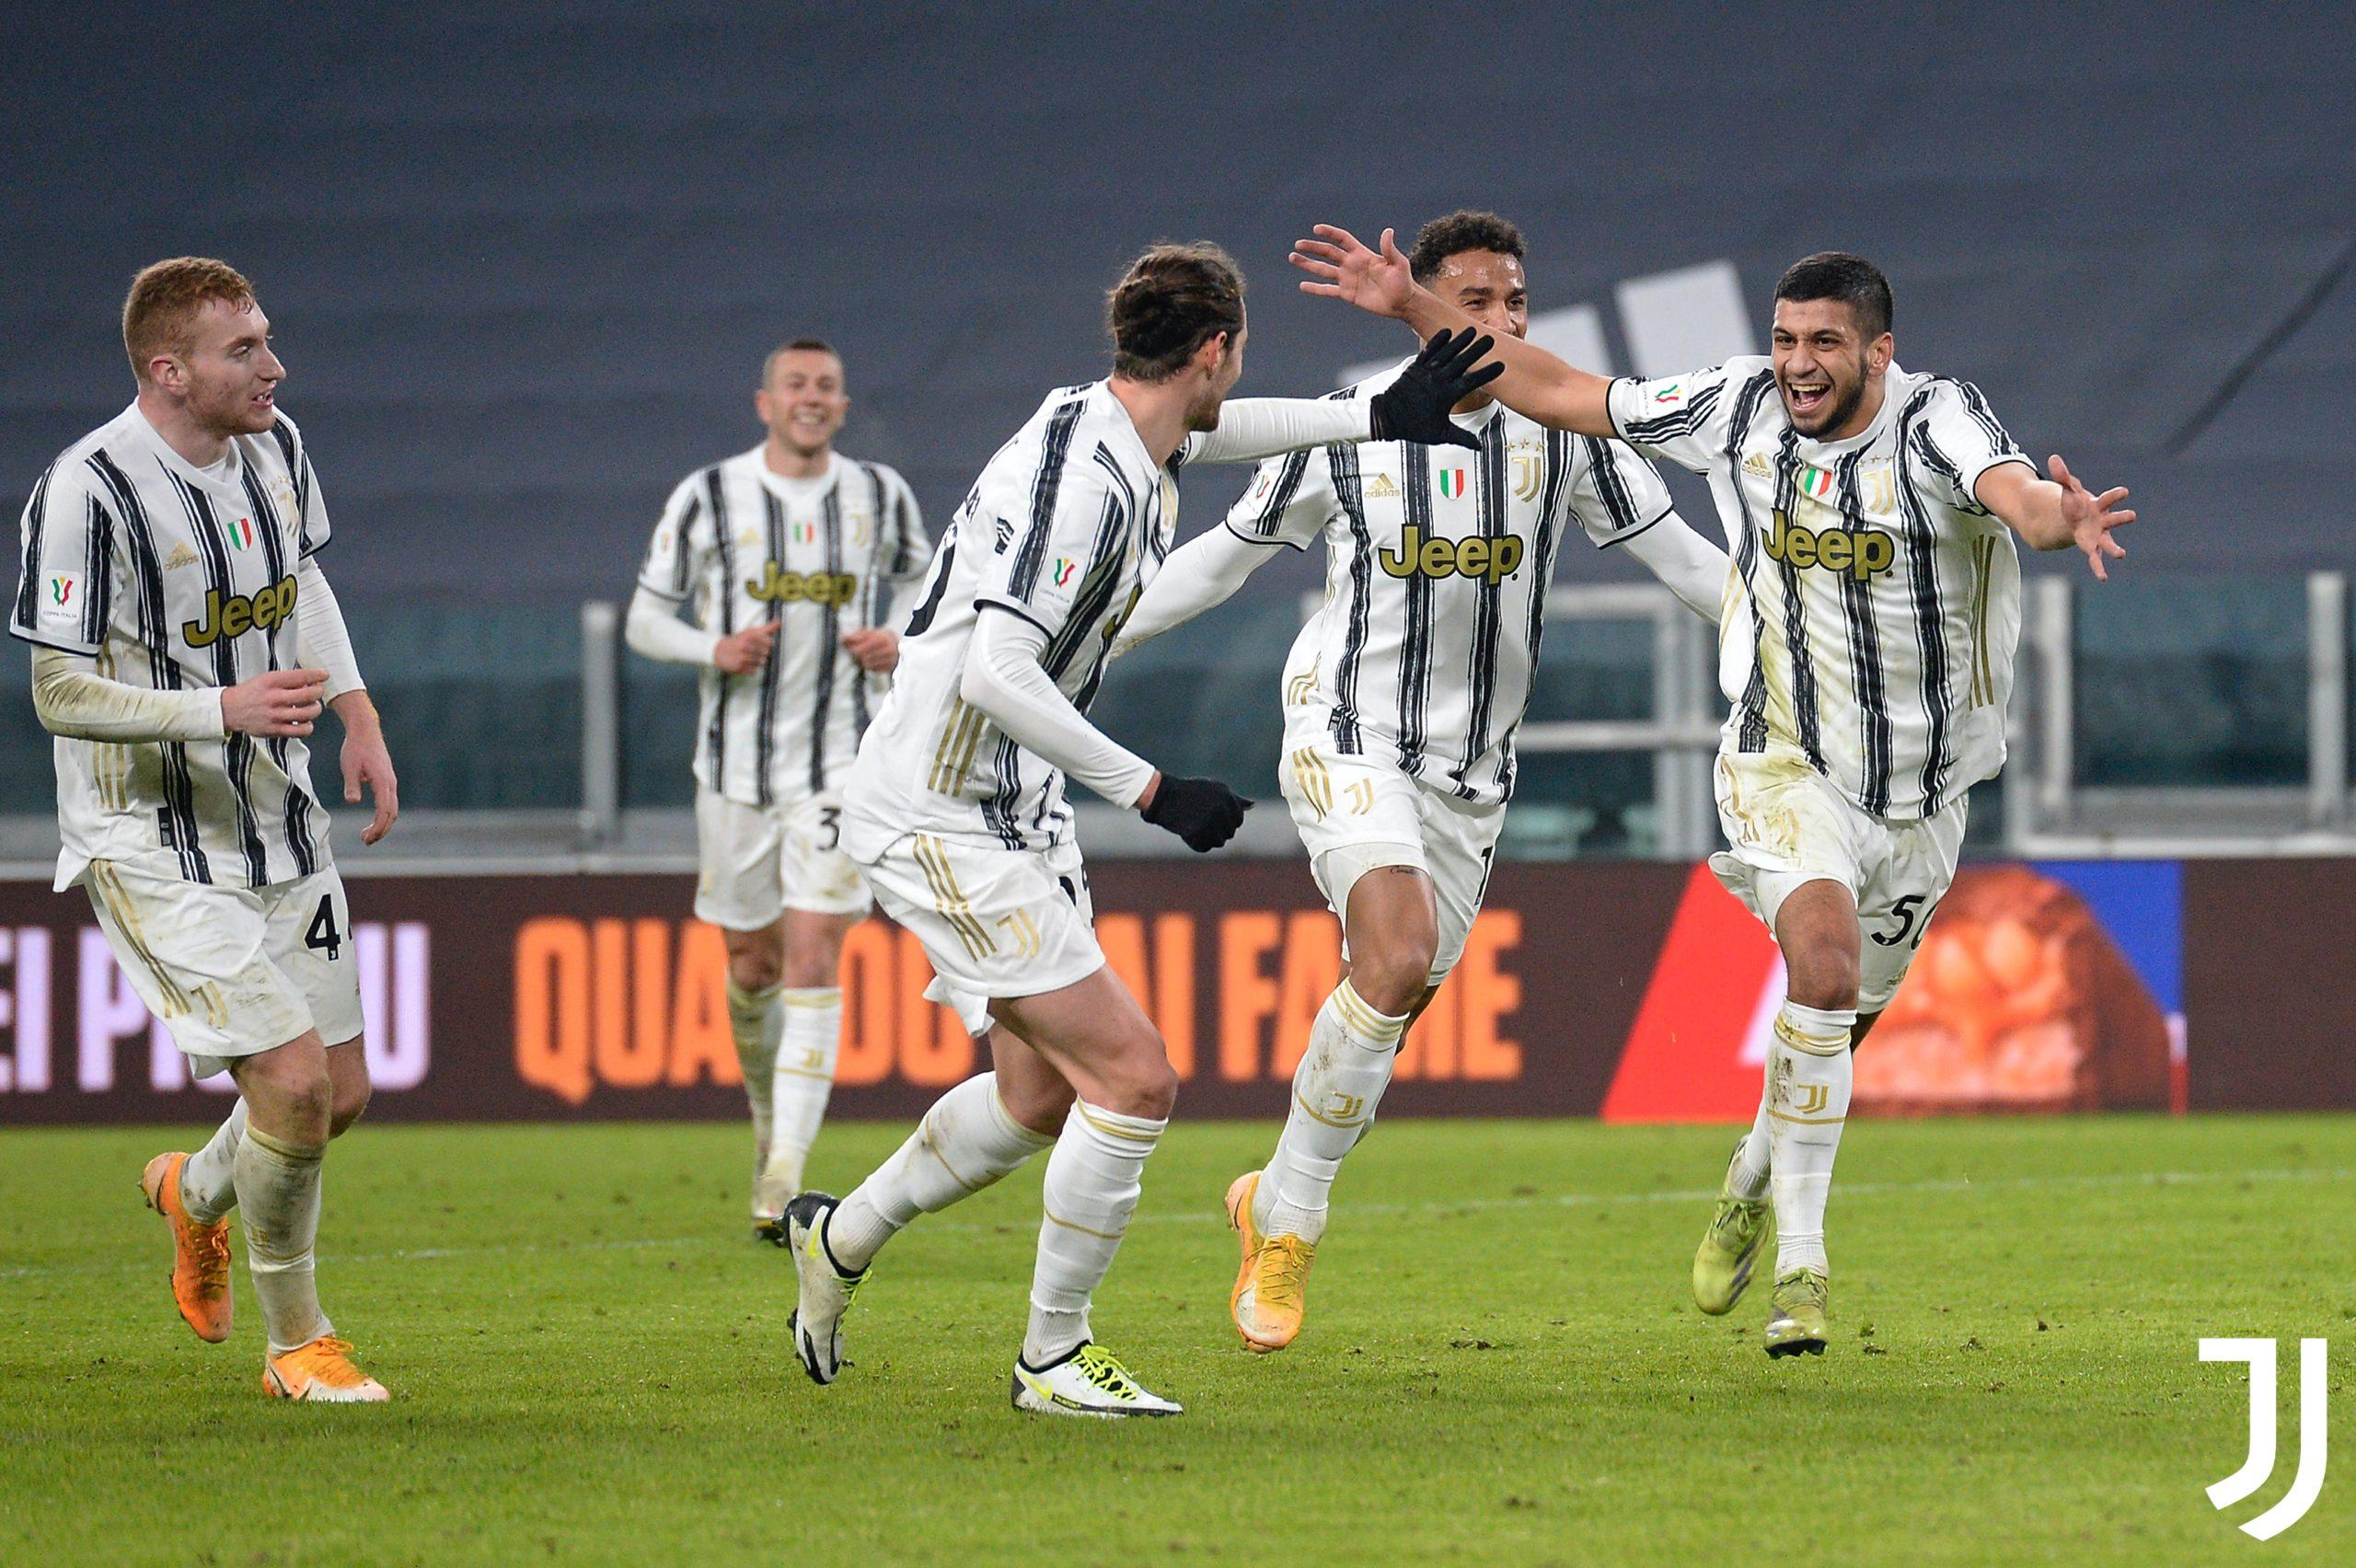 Juventus [PHOTO CREDIT: @juventusfcen]